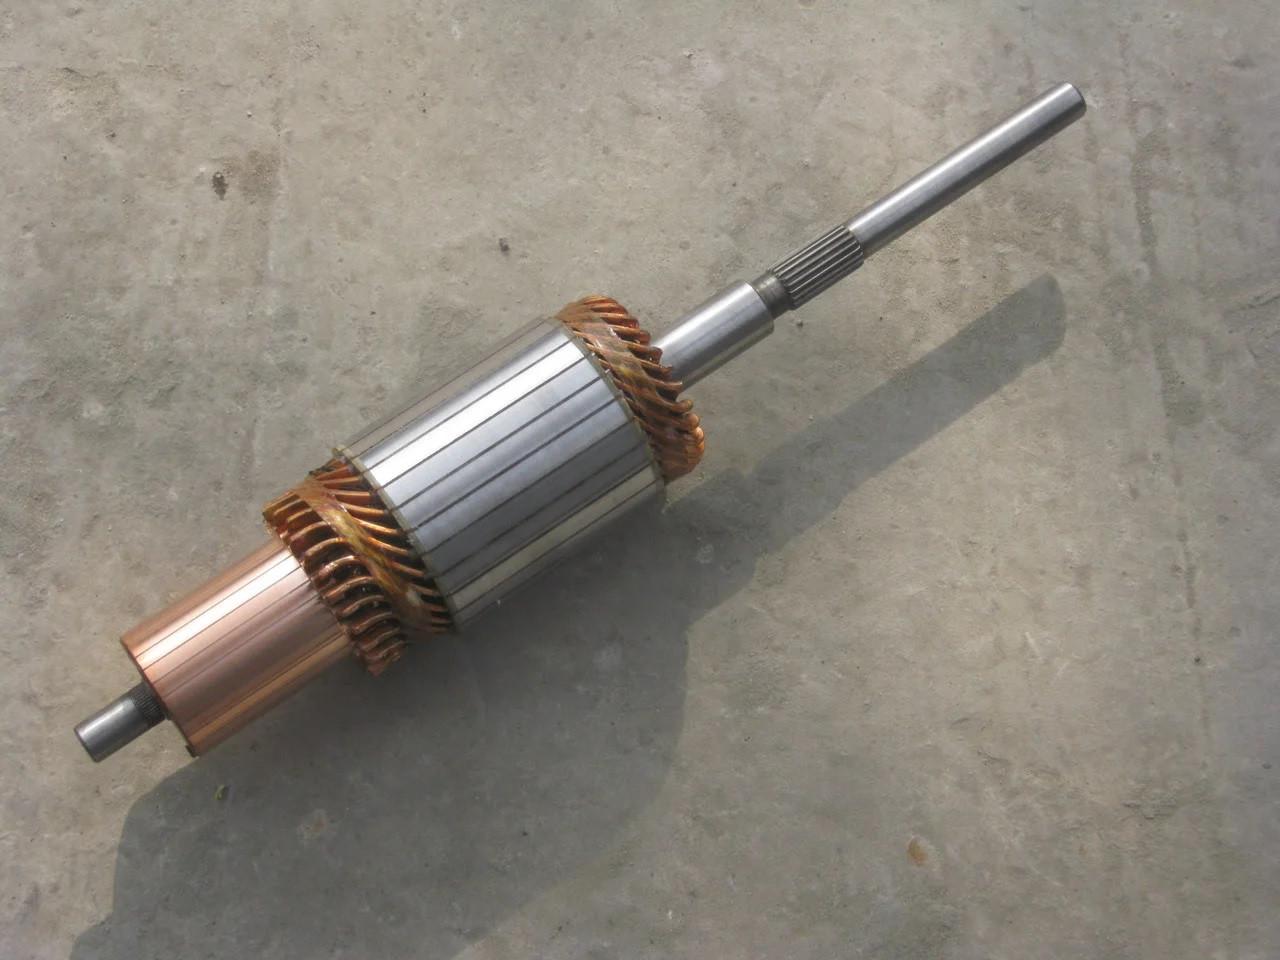 Привод стартера краз ямз (ст-2501.3708)